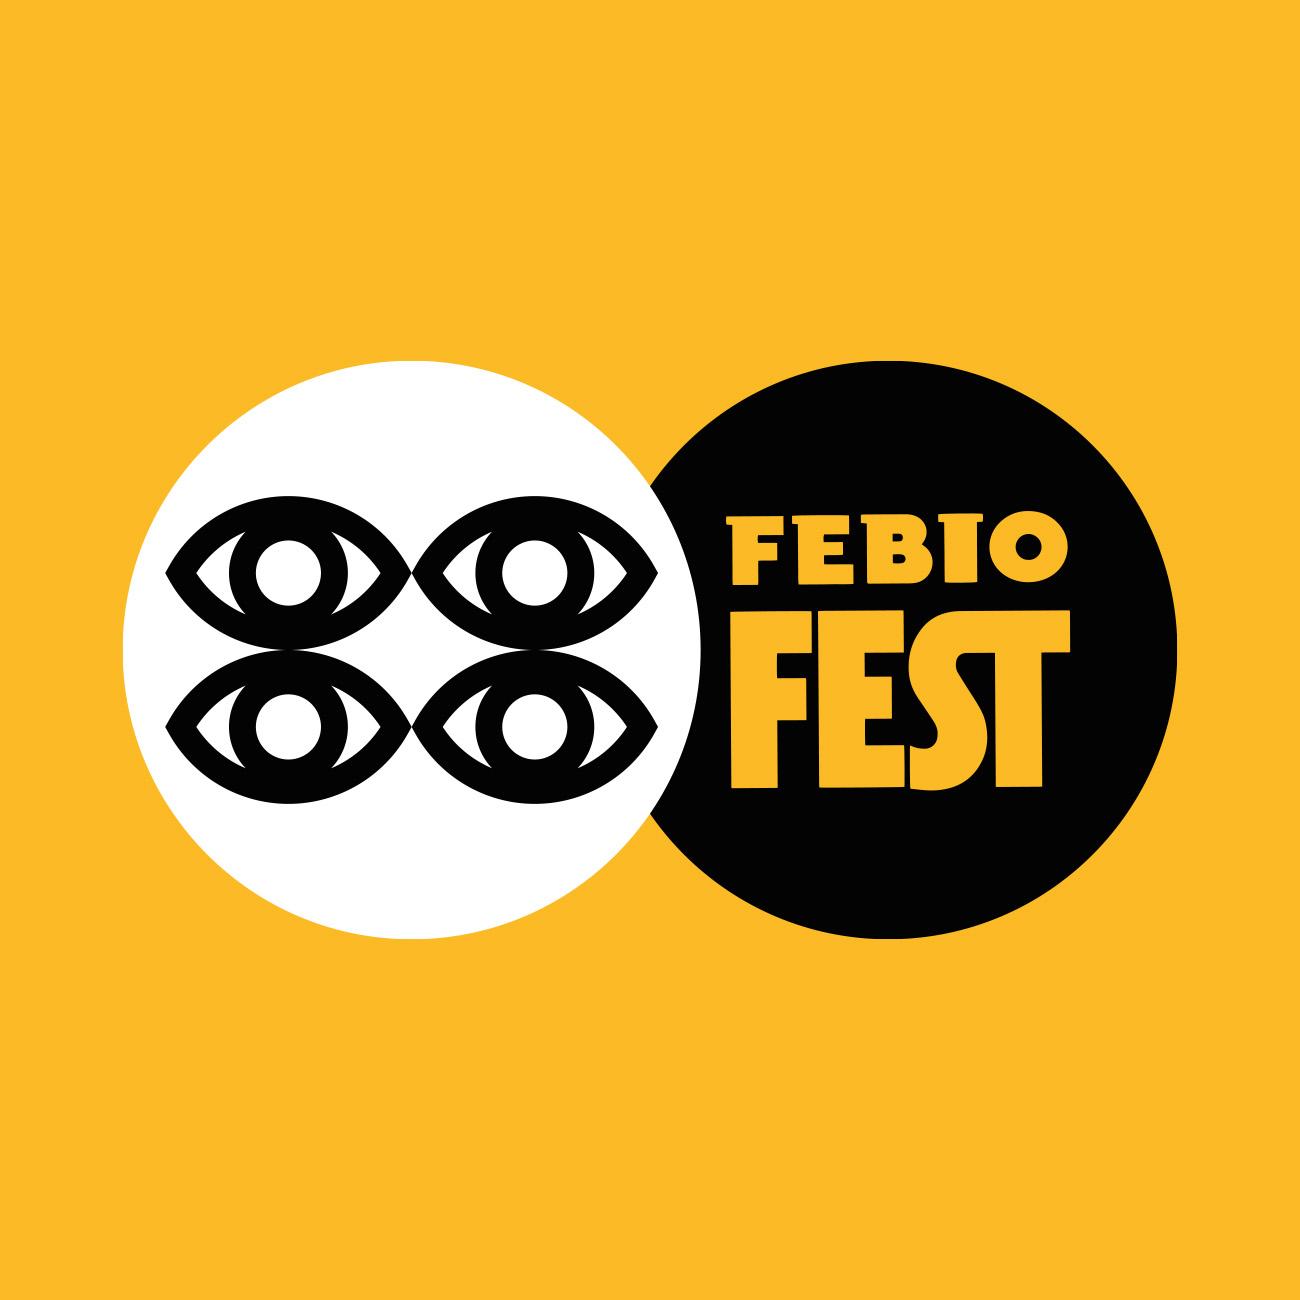 Febiofest začíná už zítra, 21. března 2019 (zdroj: febiofest.cz)